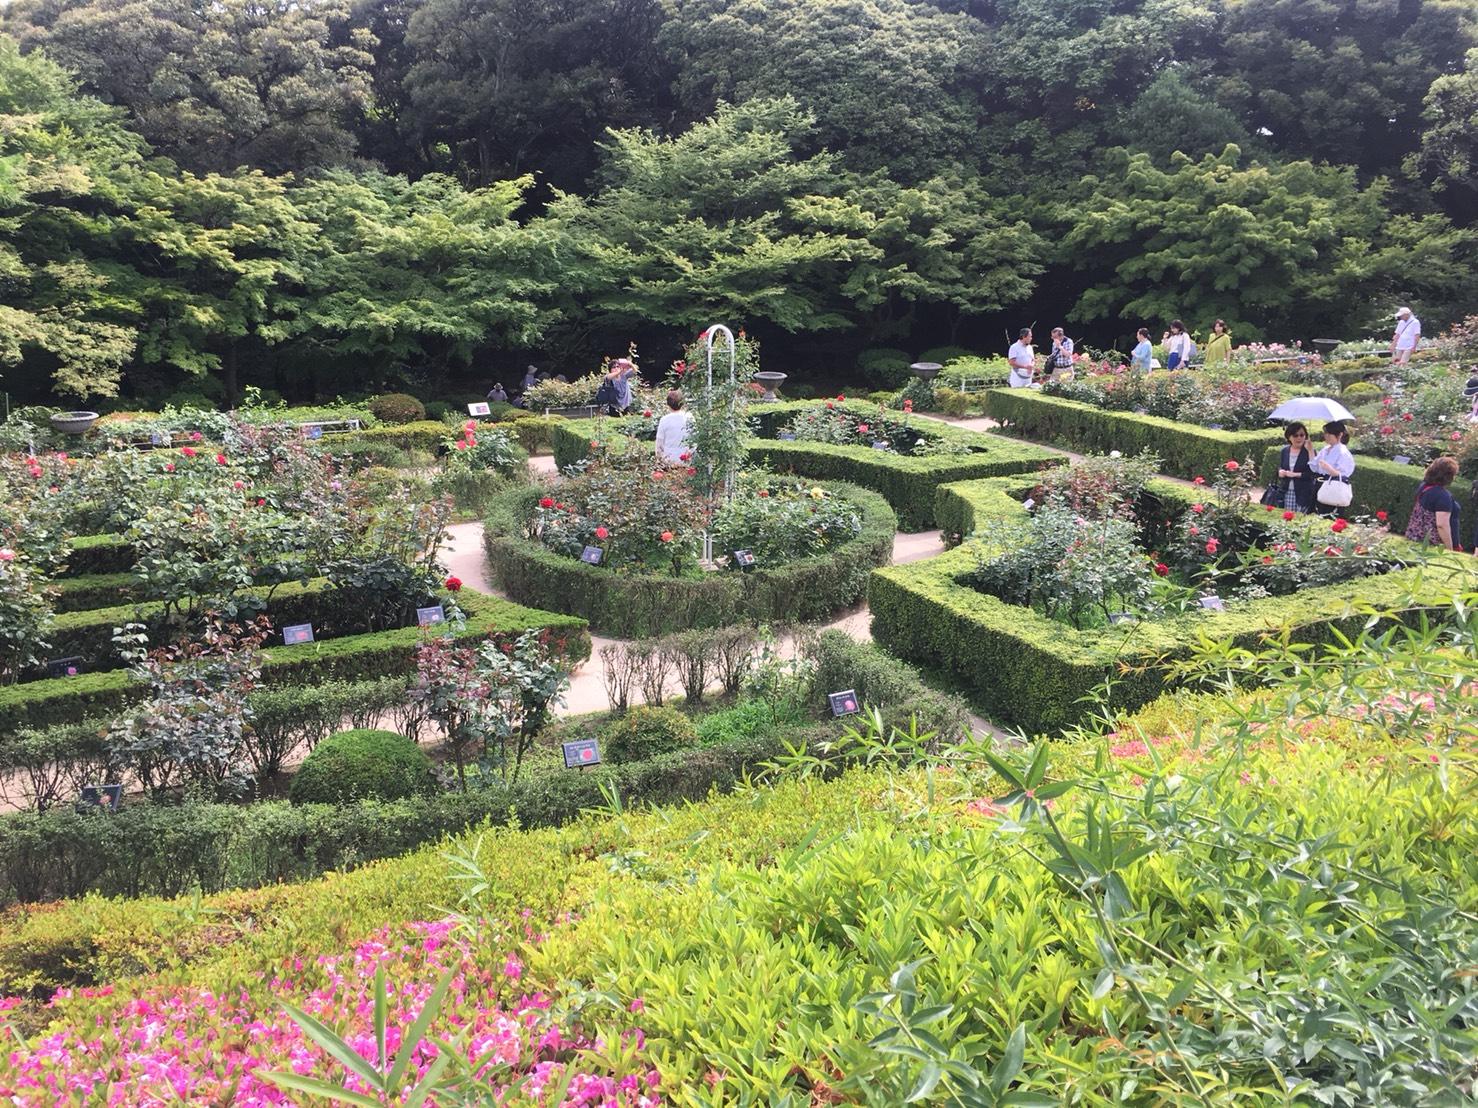 【上中里駅】バラが咲き誇る日英が混ざる庭園「旧古河庭園」のバラ園4